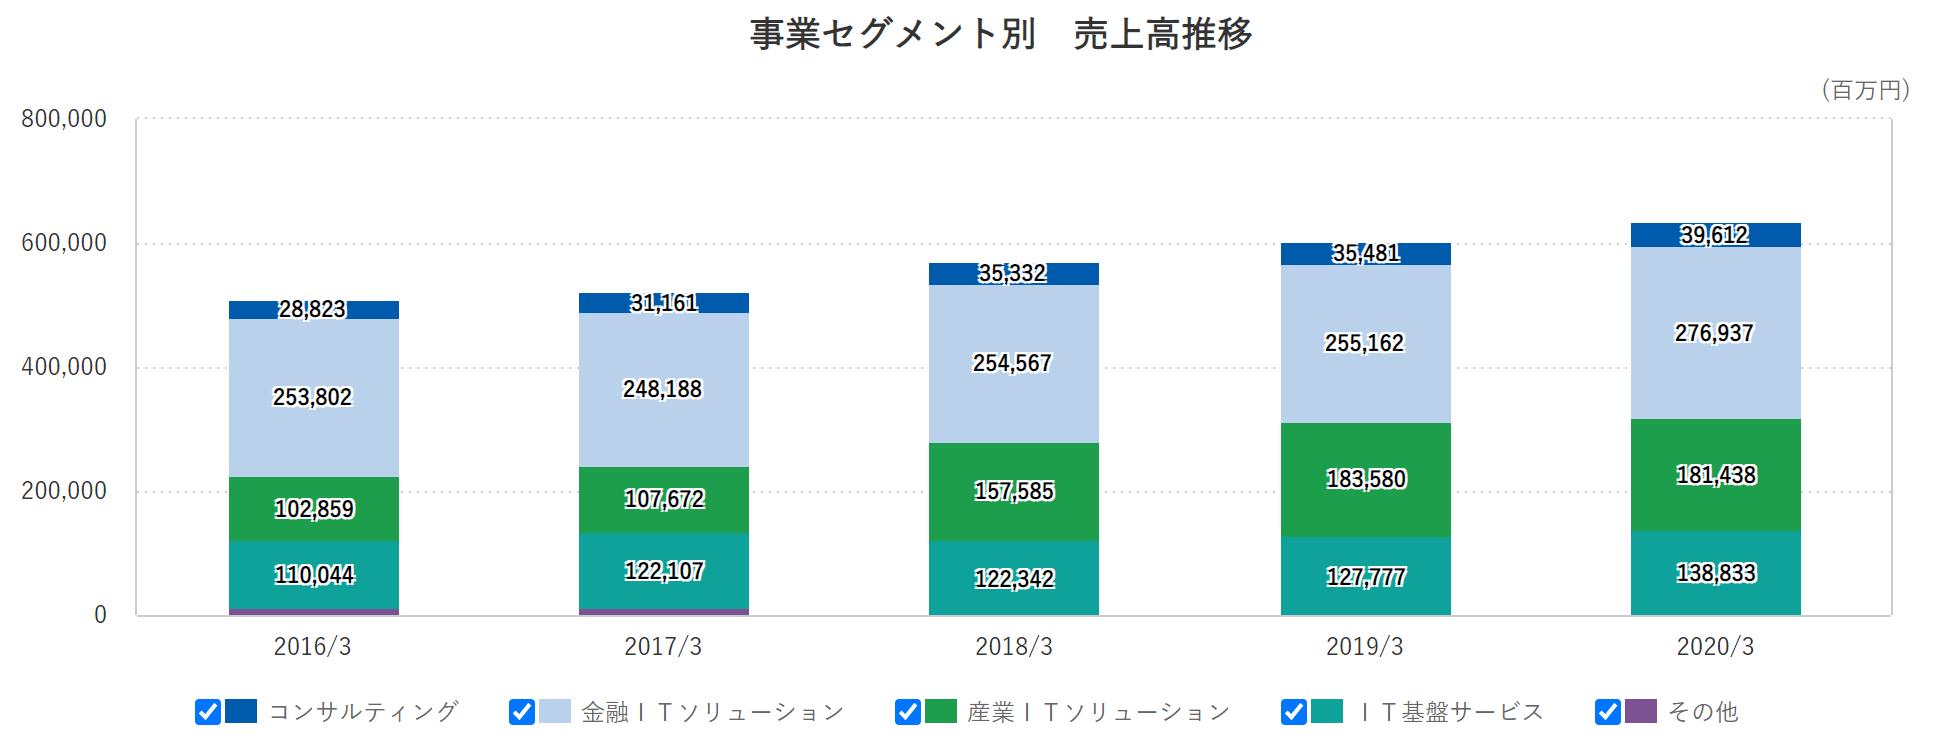 野村総研 売上高